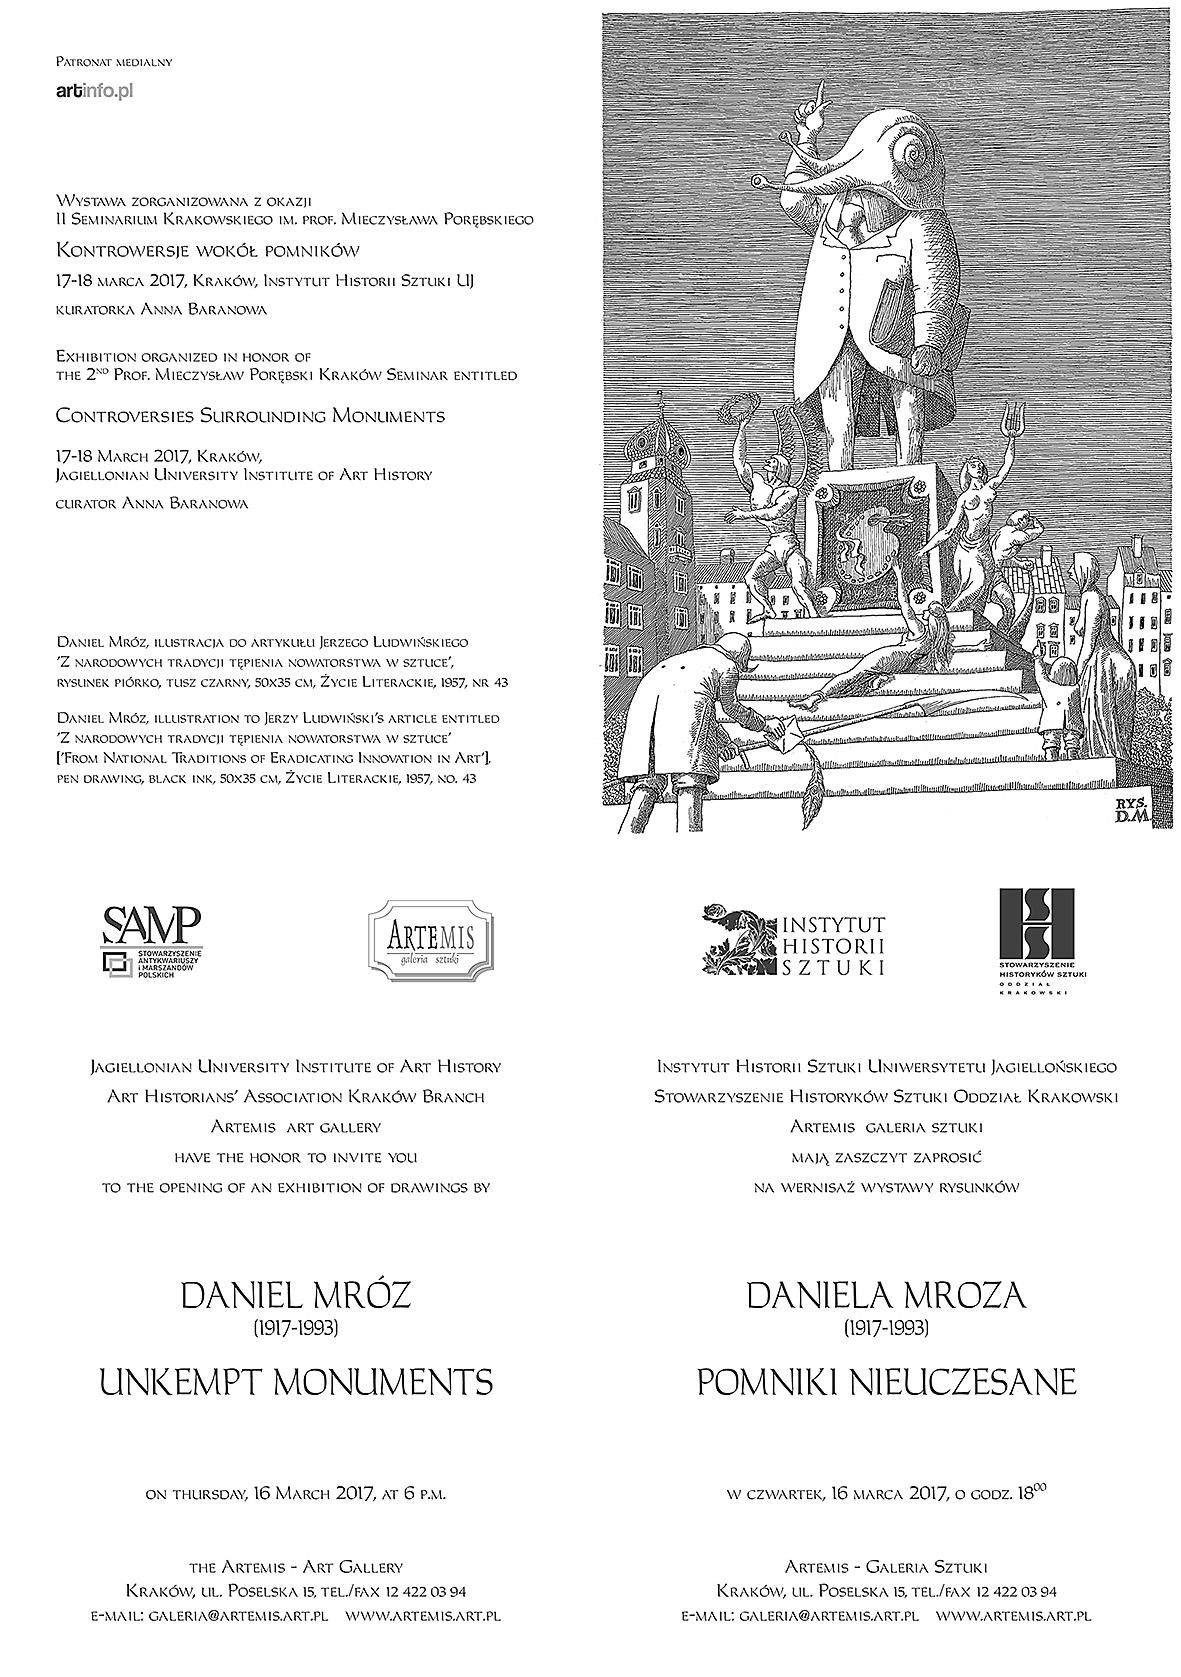 Pomniki nieuczesane Daniela Mroza_zaproszenie